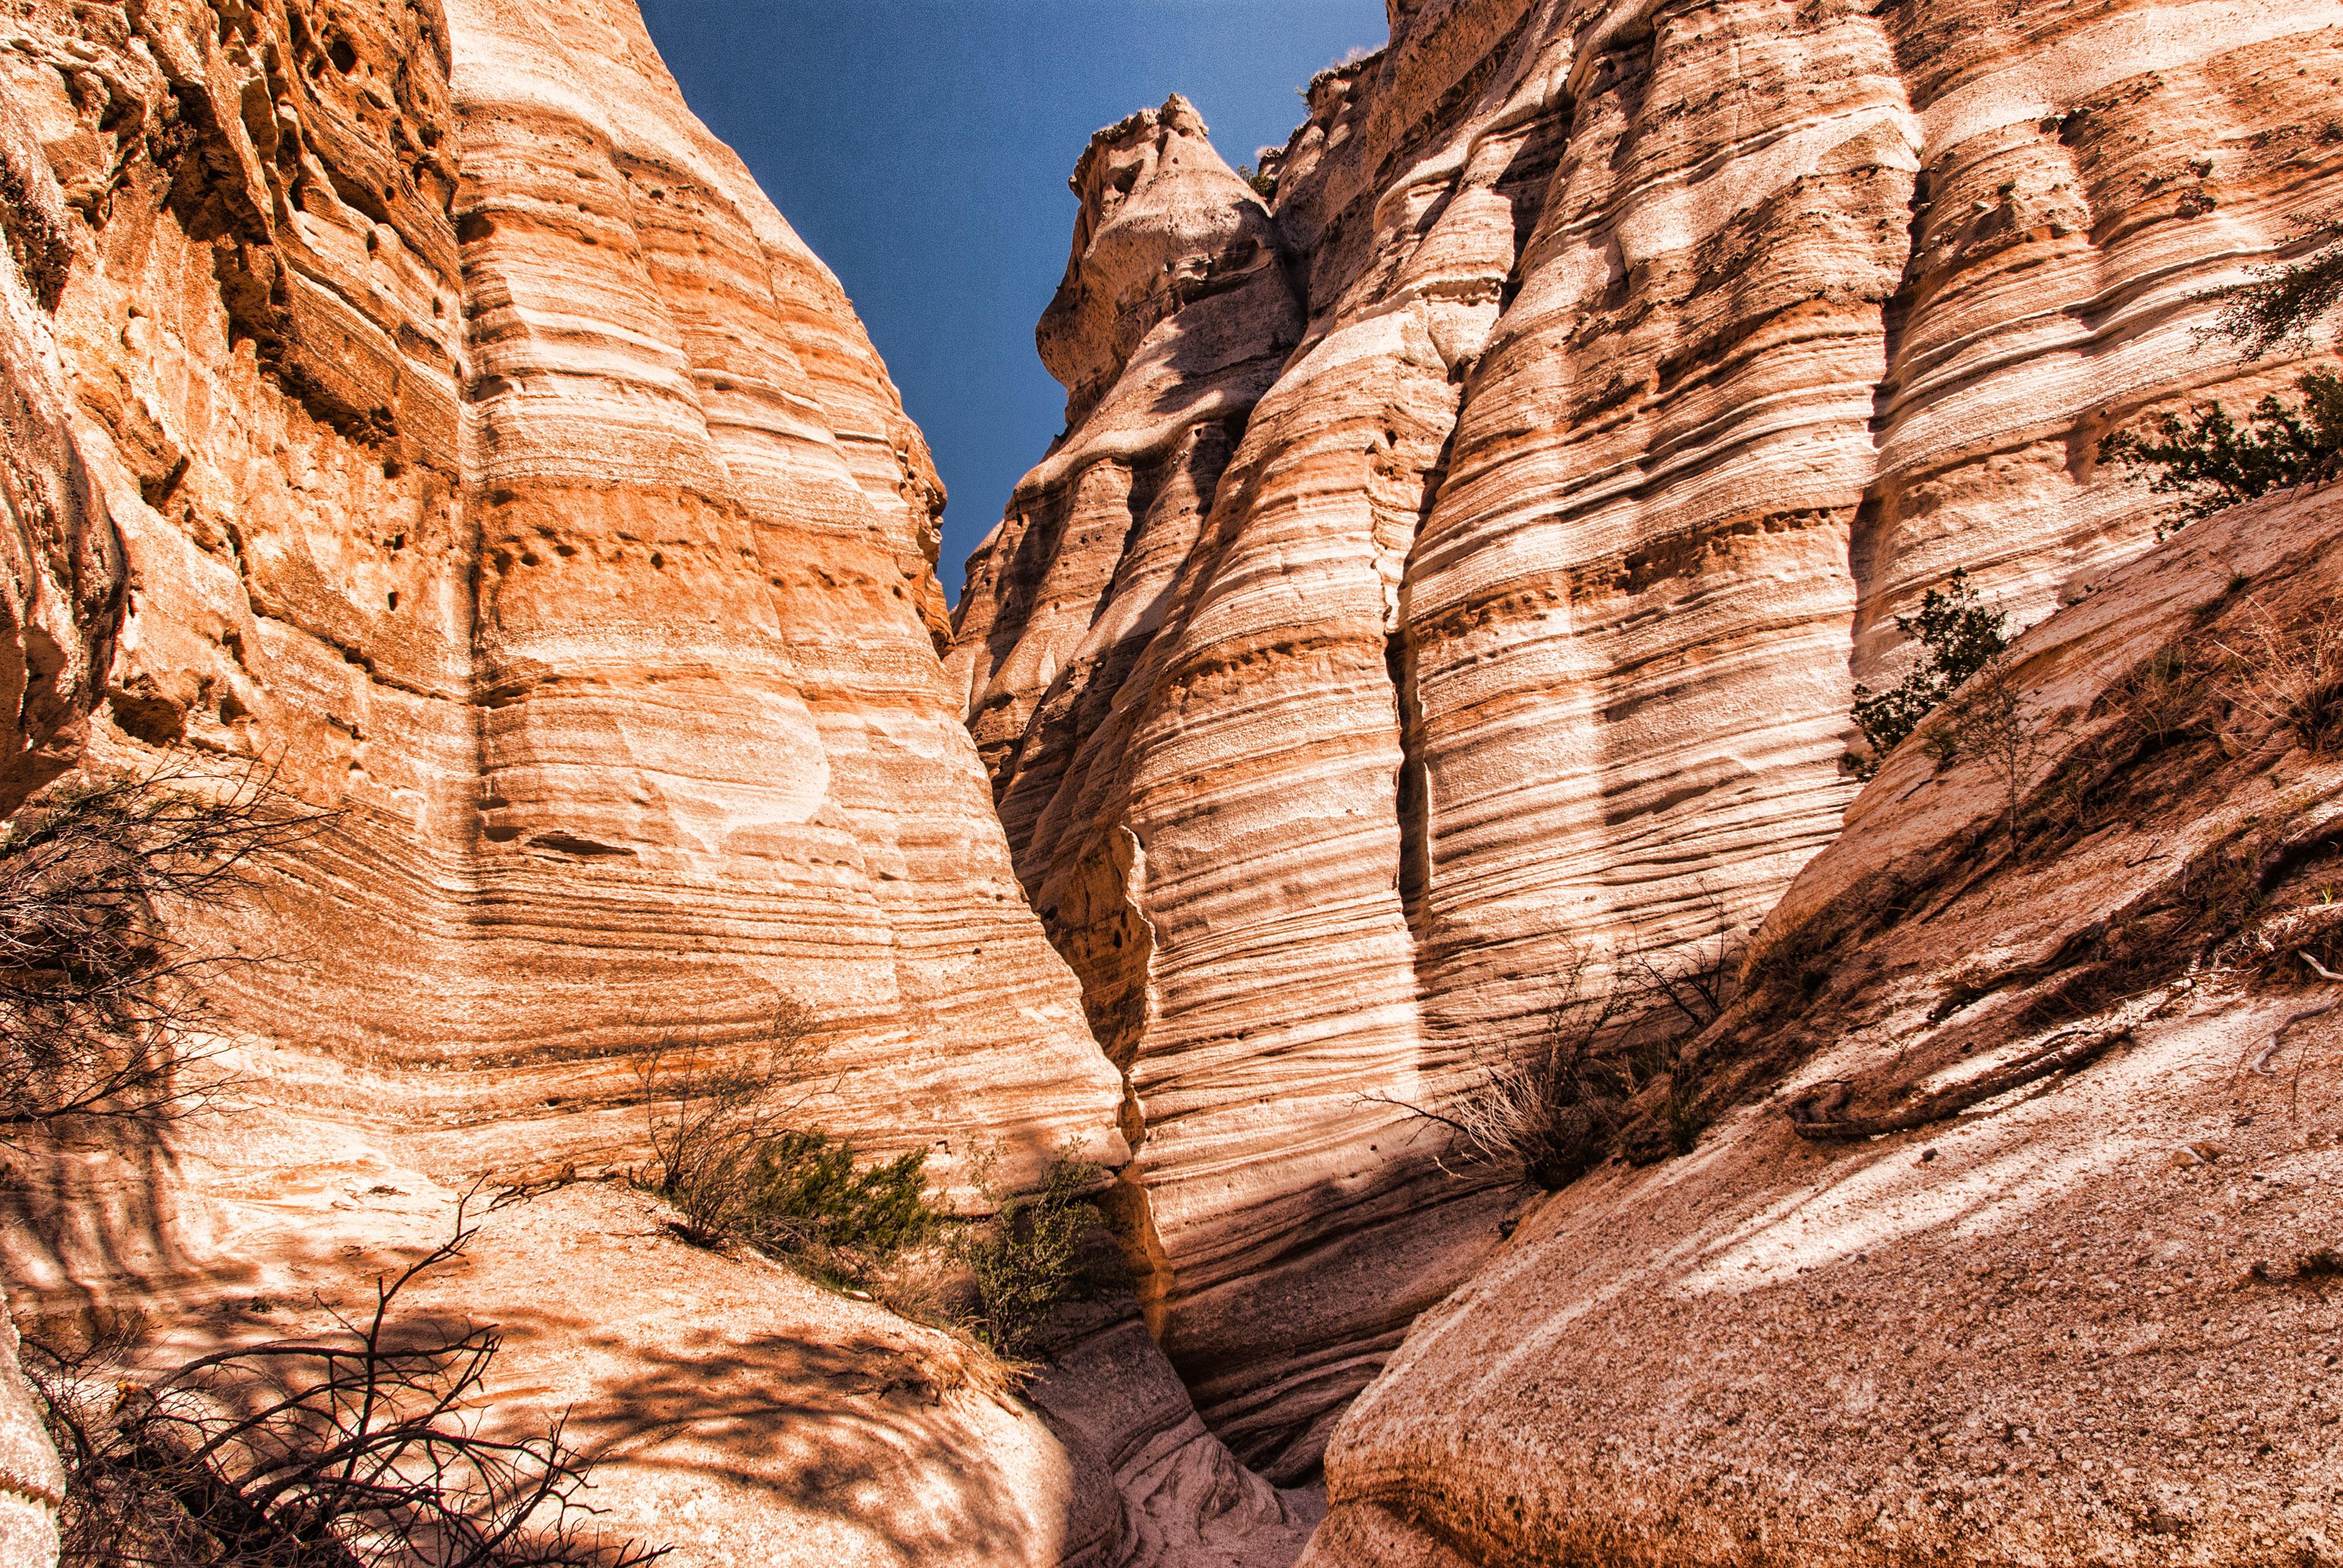 Rocks And Landscape Near Santa Fe New Mexico Image Free